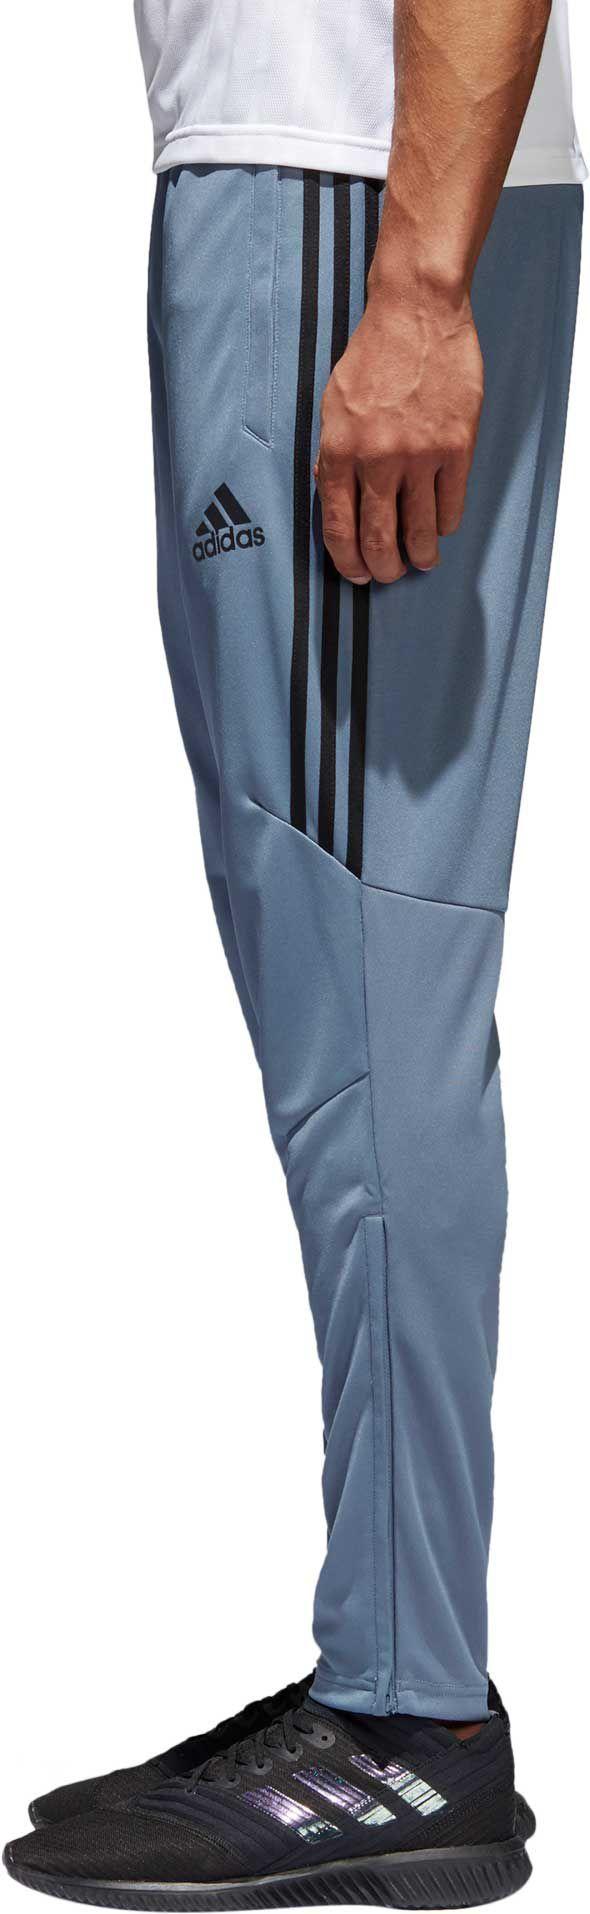 Salvare per selezionare gli uomini & donne adidas pantaloni dick articoli sportivi